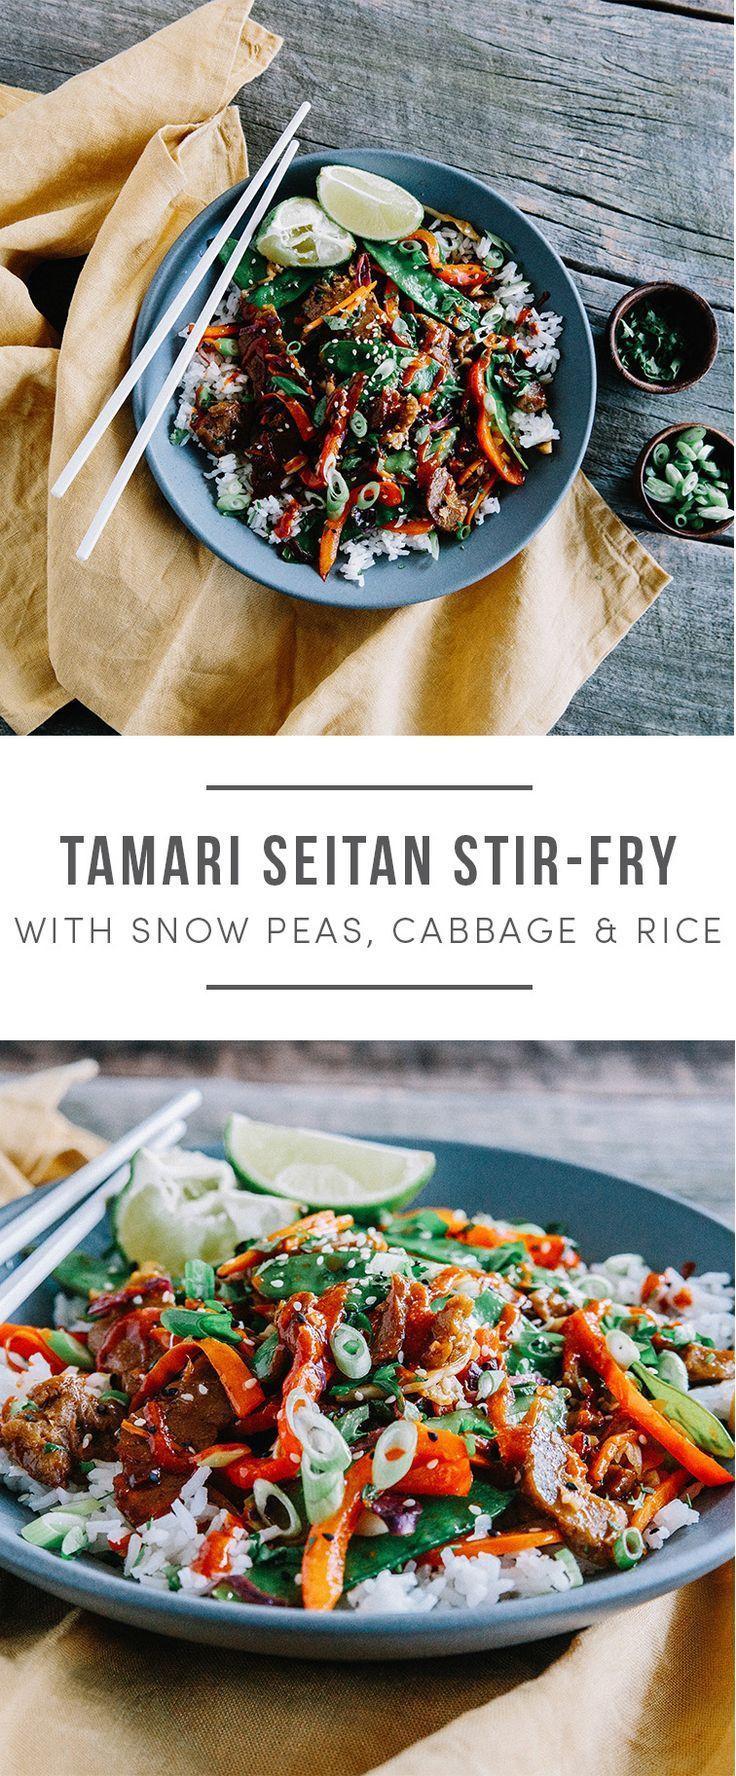 Vegan Tamari Seitan Stir Fry with snow peas, cabbabe, carrots, bell pepper and rice. Recipe here: https://greenchef.com/recipes/seitan-stir-fry-with-snow-peas-vegan?utm_source=pinterest&utm_medium=link&utm_campaign=social&utm_content=Tamari-seitan-stiryfr